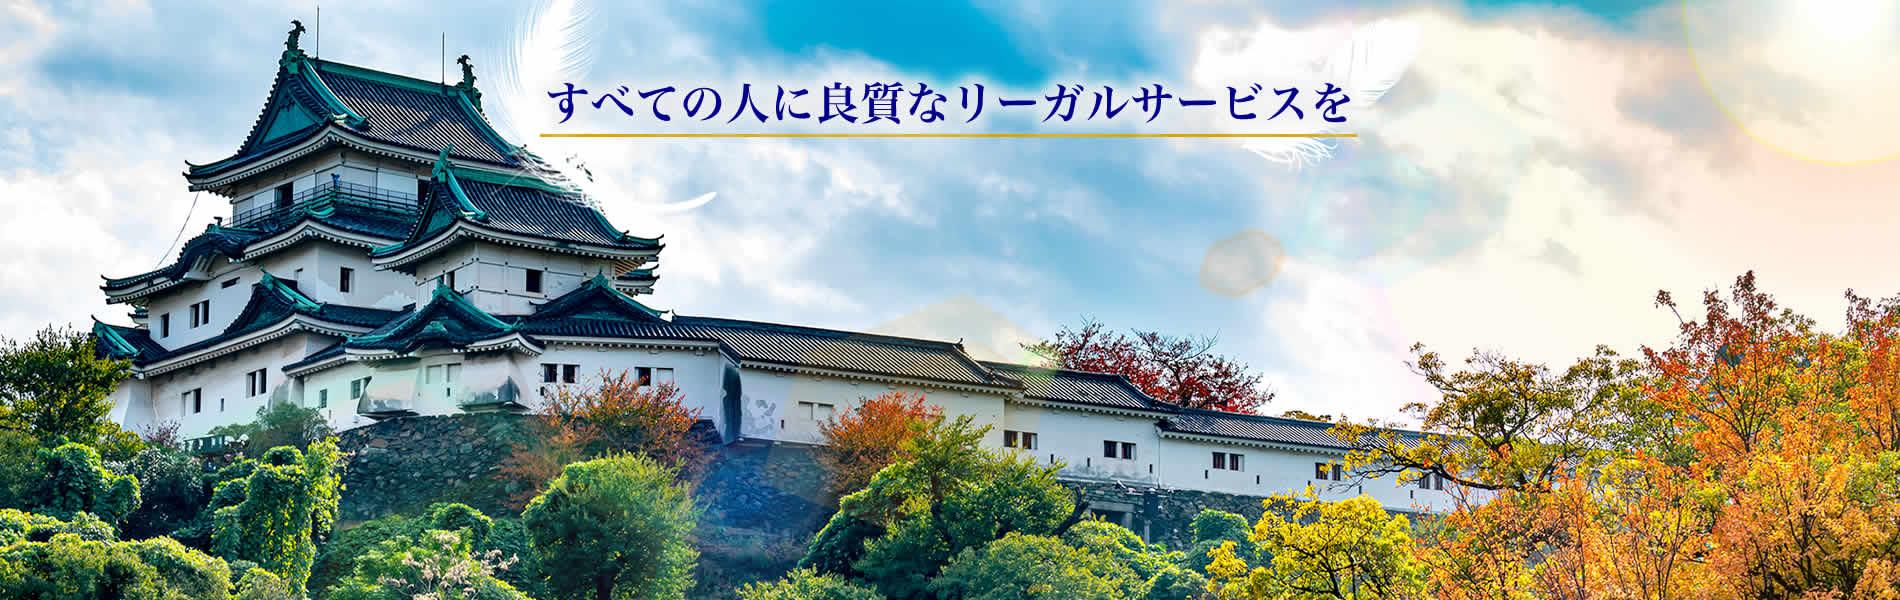 和歌山平和総合事務所